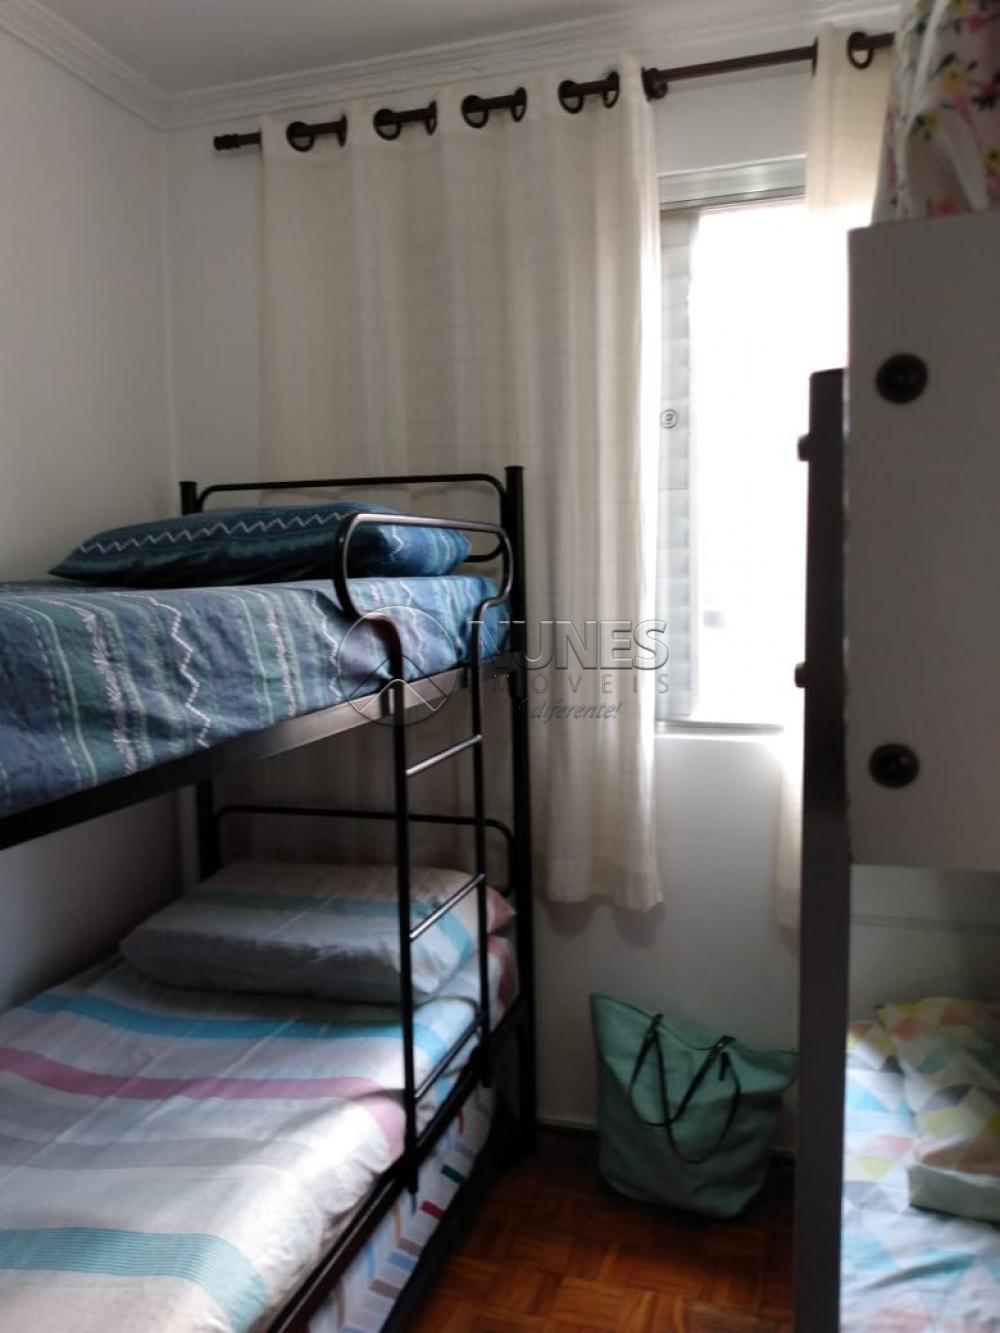 Comprar Apartamento / Padrão em Carapicuíba apenas R$ 140.000,00 - Foto 11